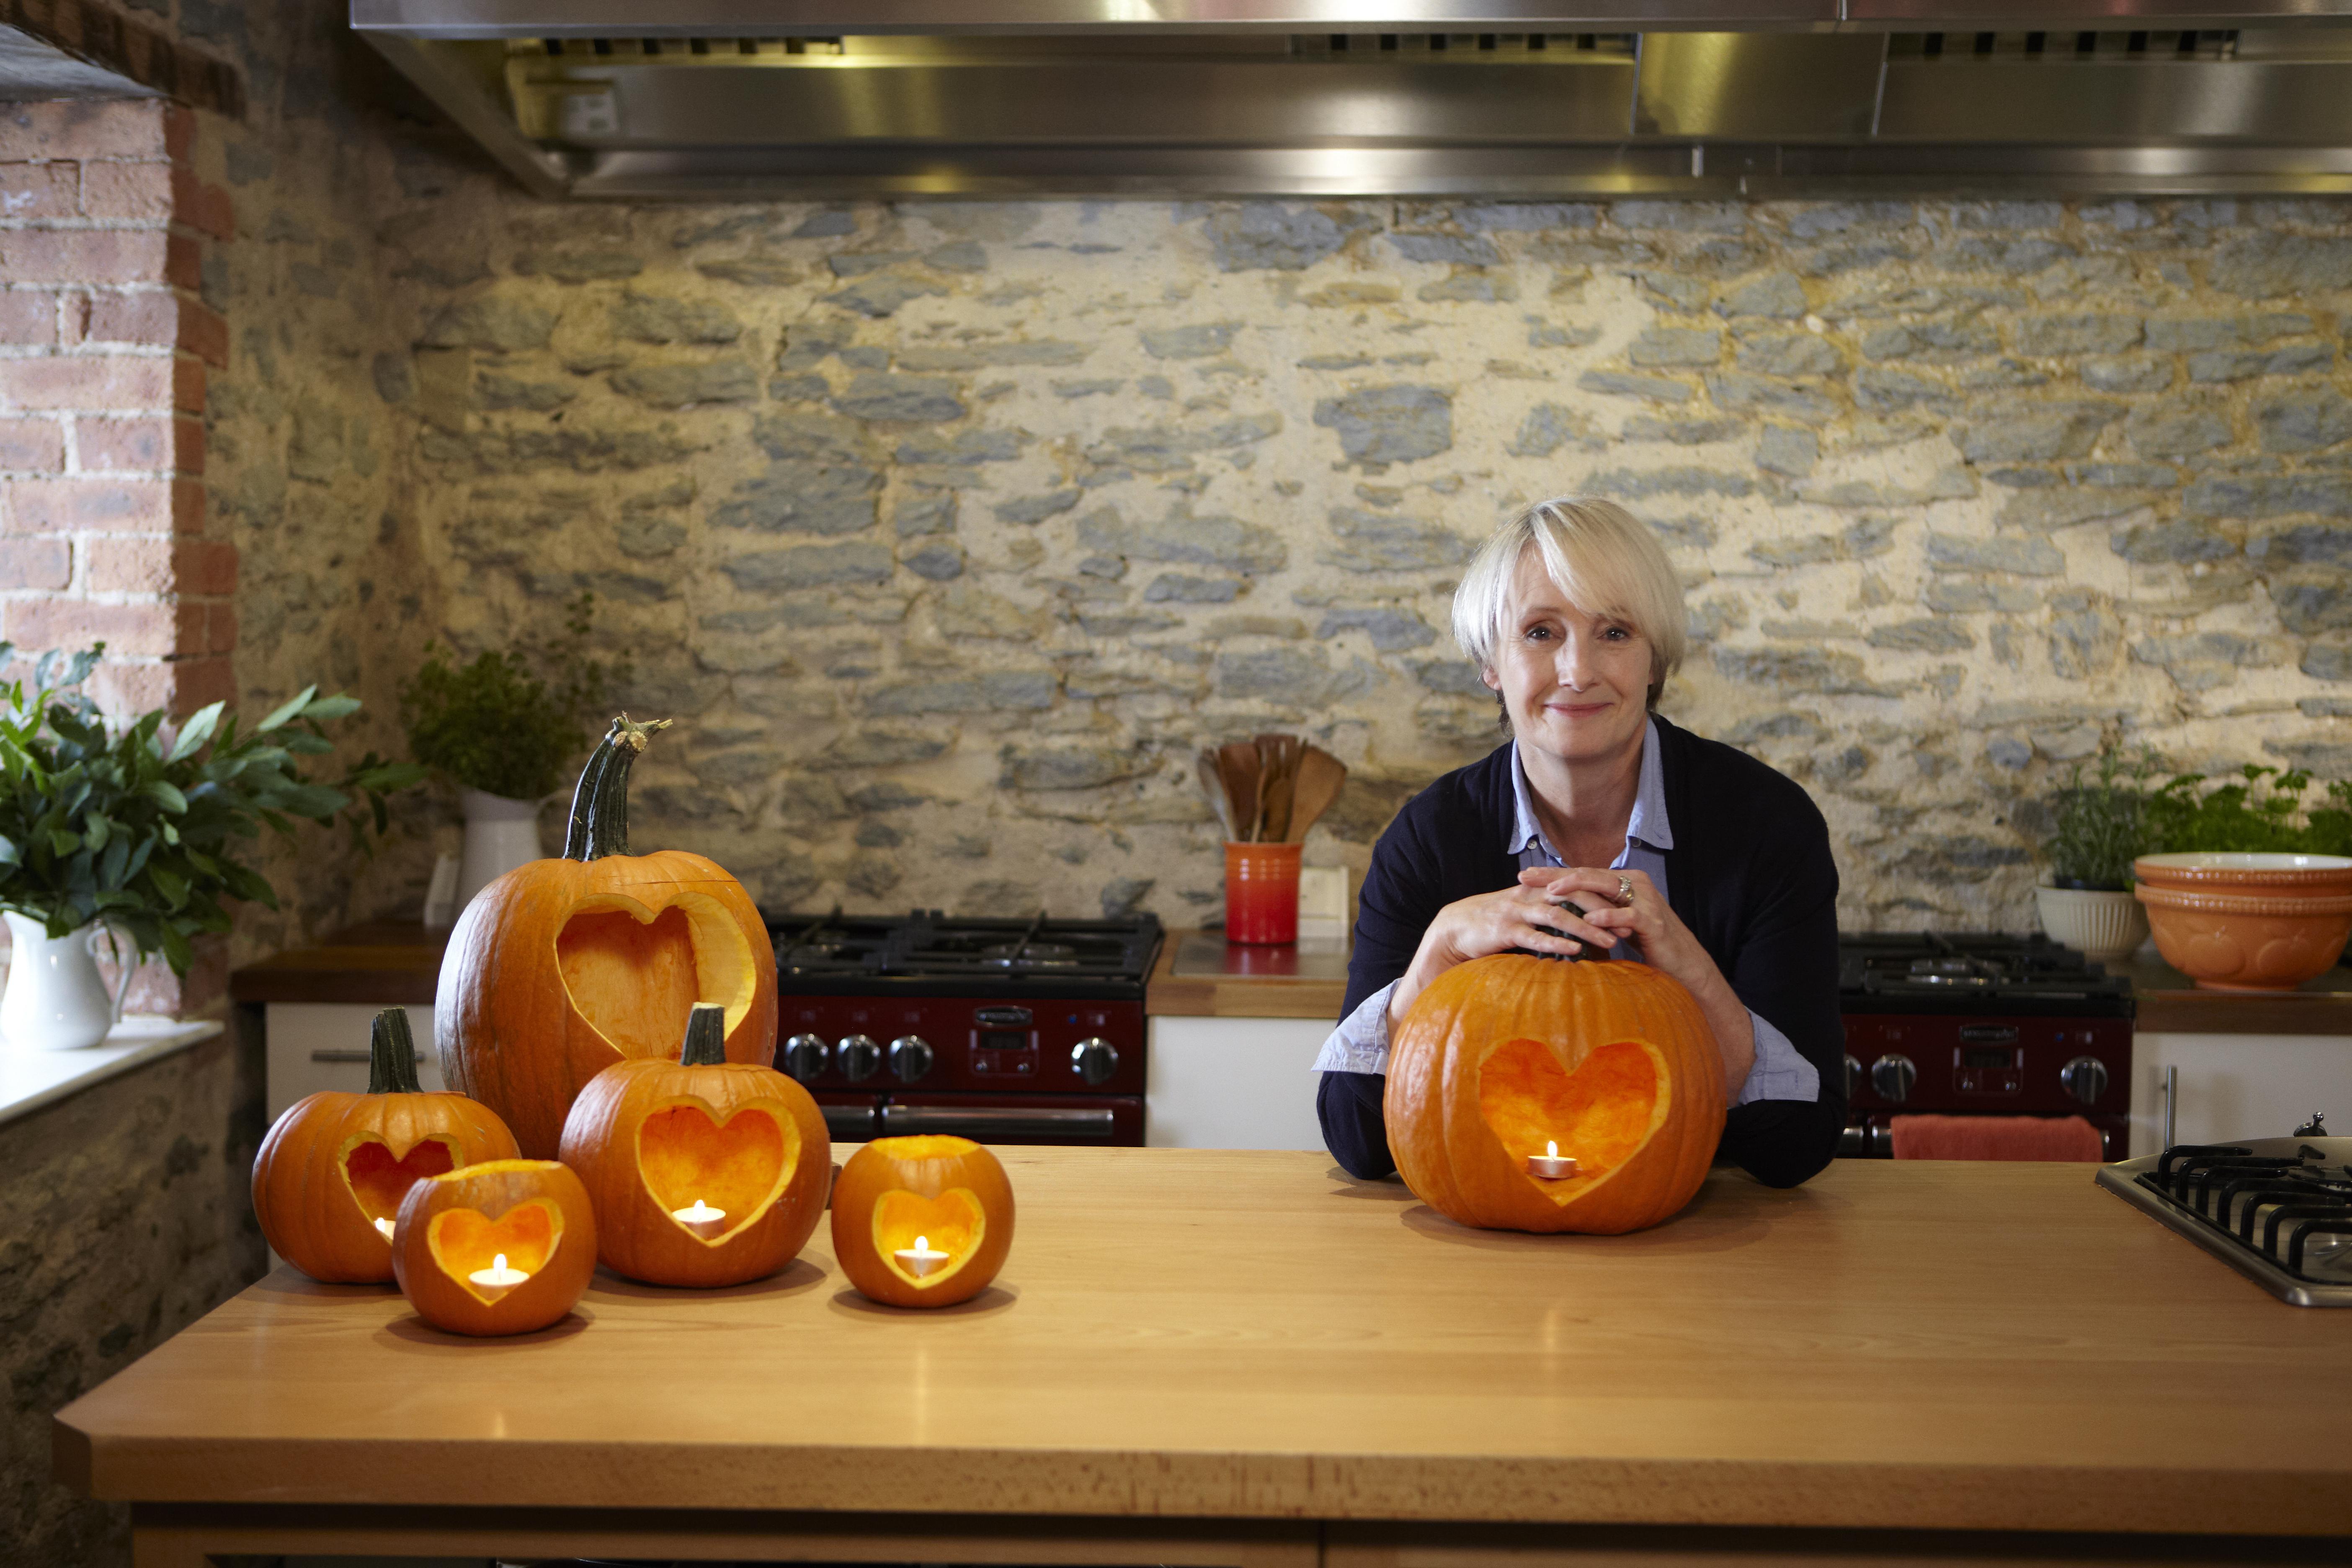 Lesley_pumpkins2